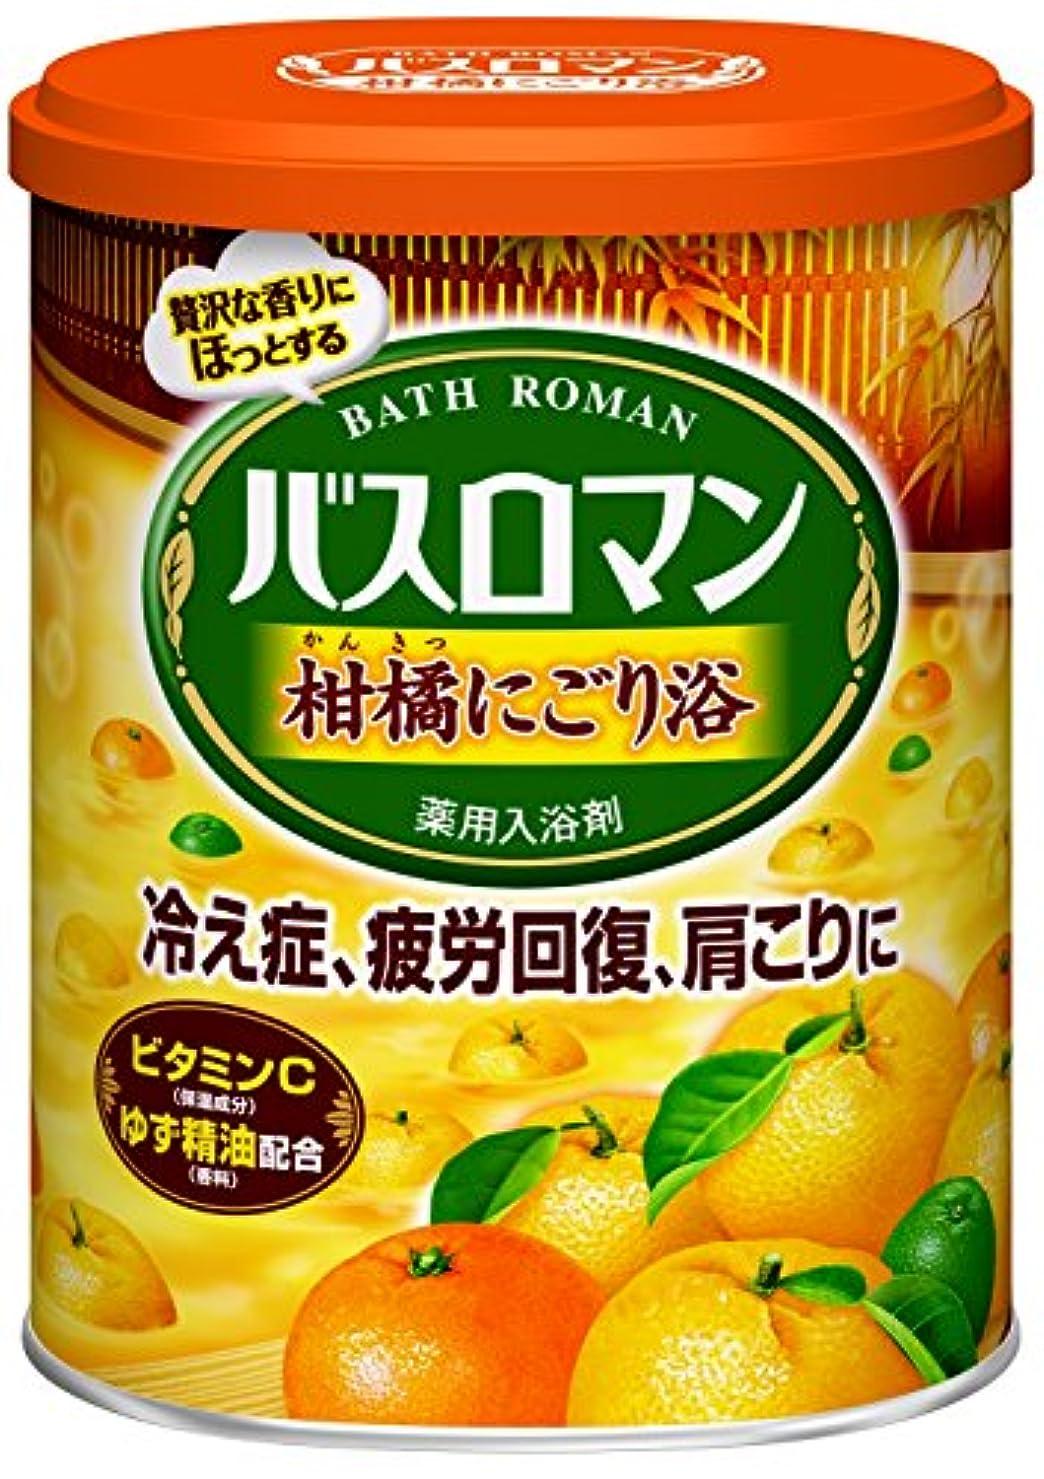 バブル頑張る確保するバスロマン柑橘にごり浴680